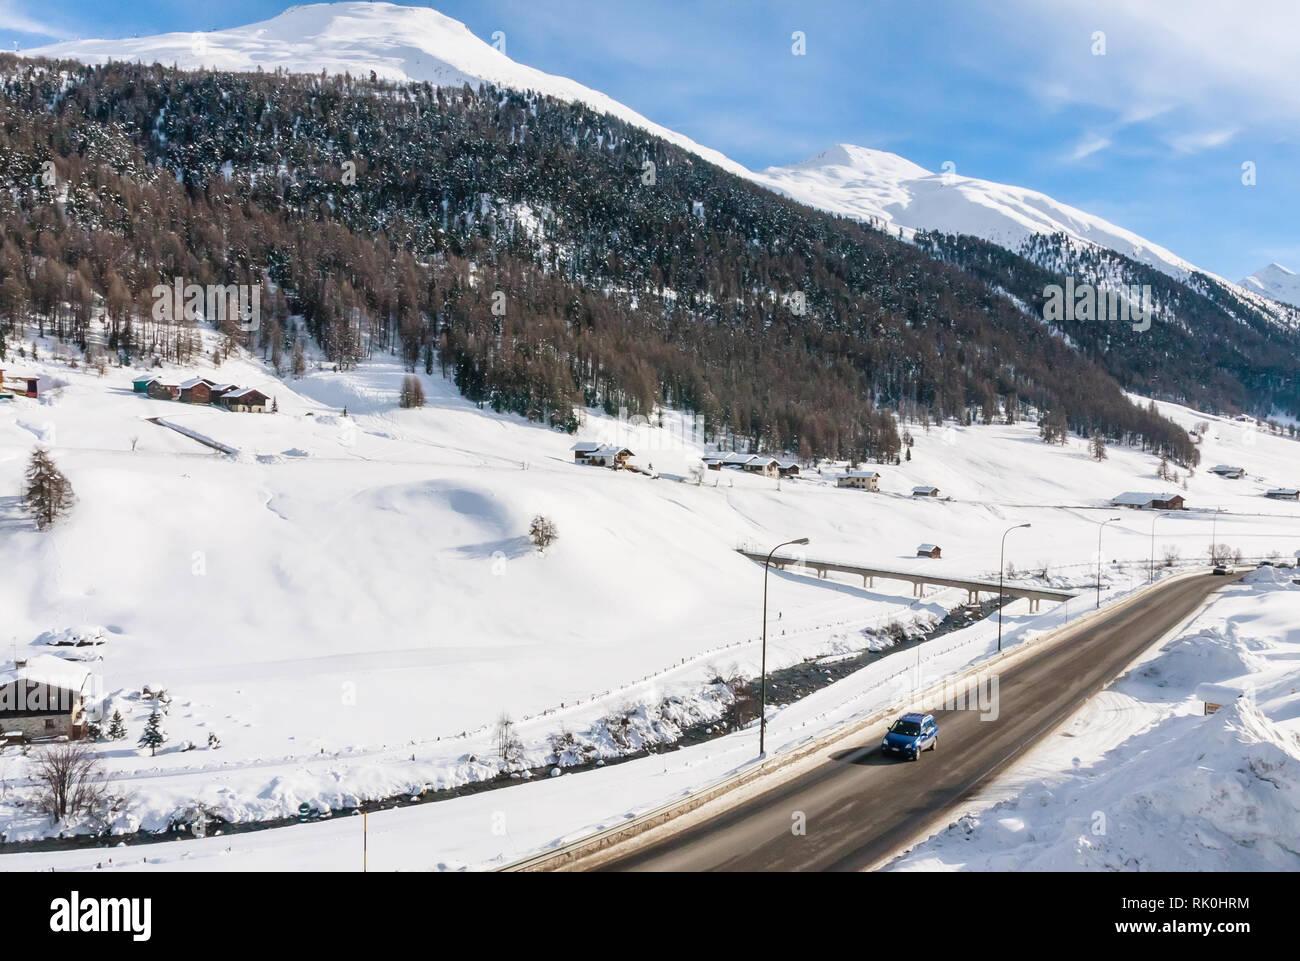 La station de ski des Alpes en. Livigno, Italie Banque D'Images